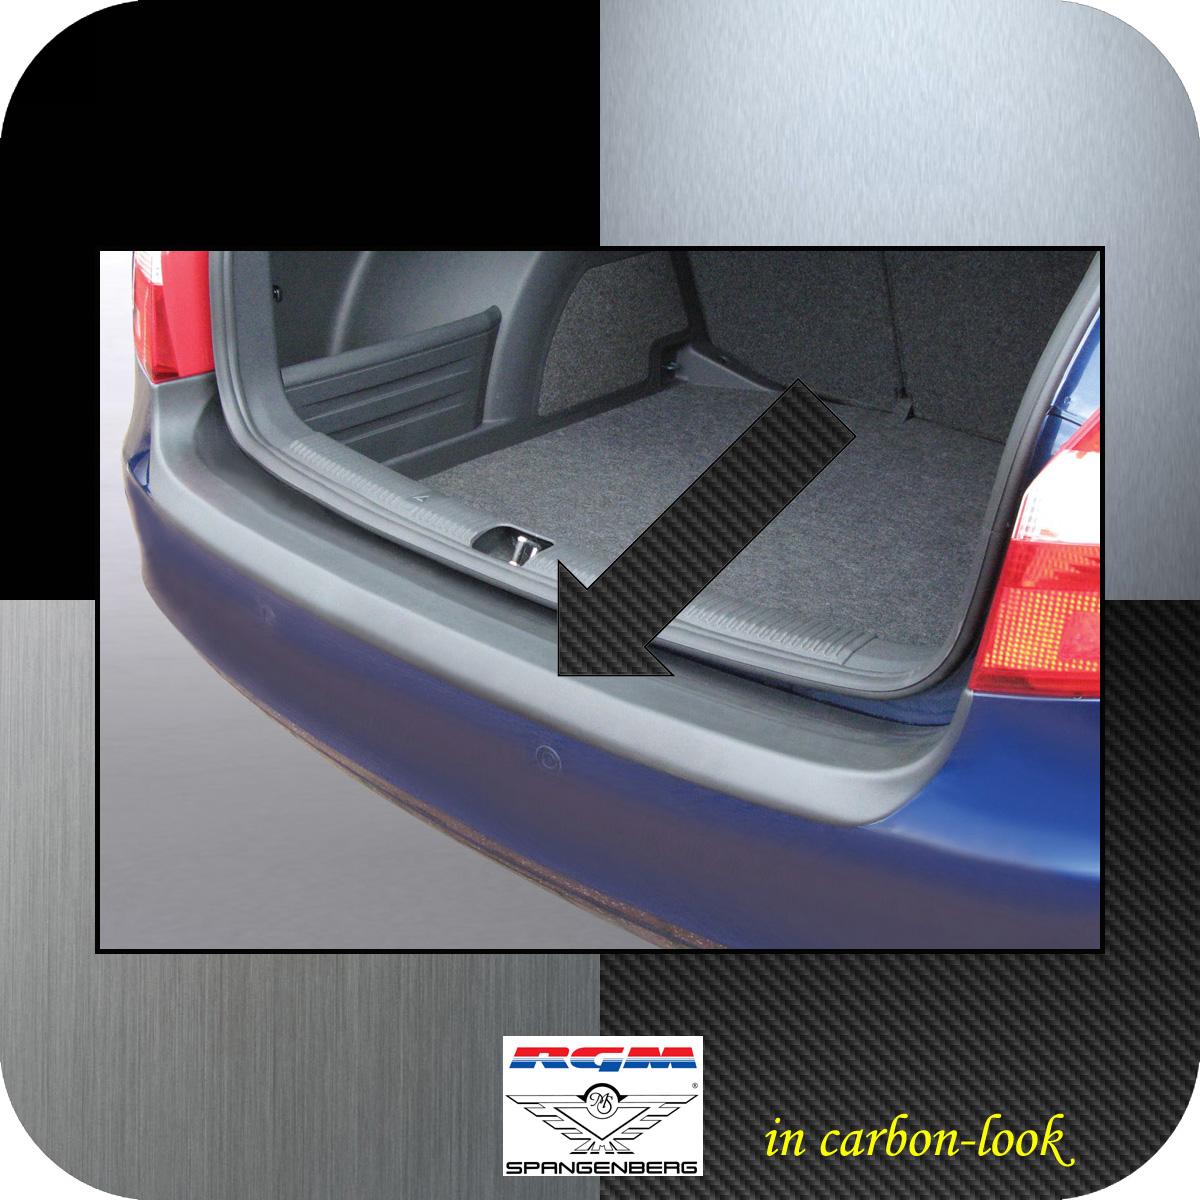 Ladekantenschutz Carbon-Look Skoda Fabia Combi II Kombi vor Mopf 2007-10 3509245